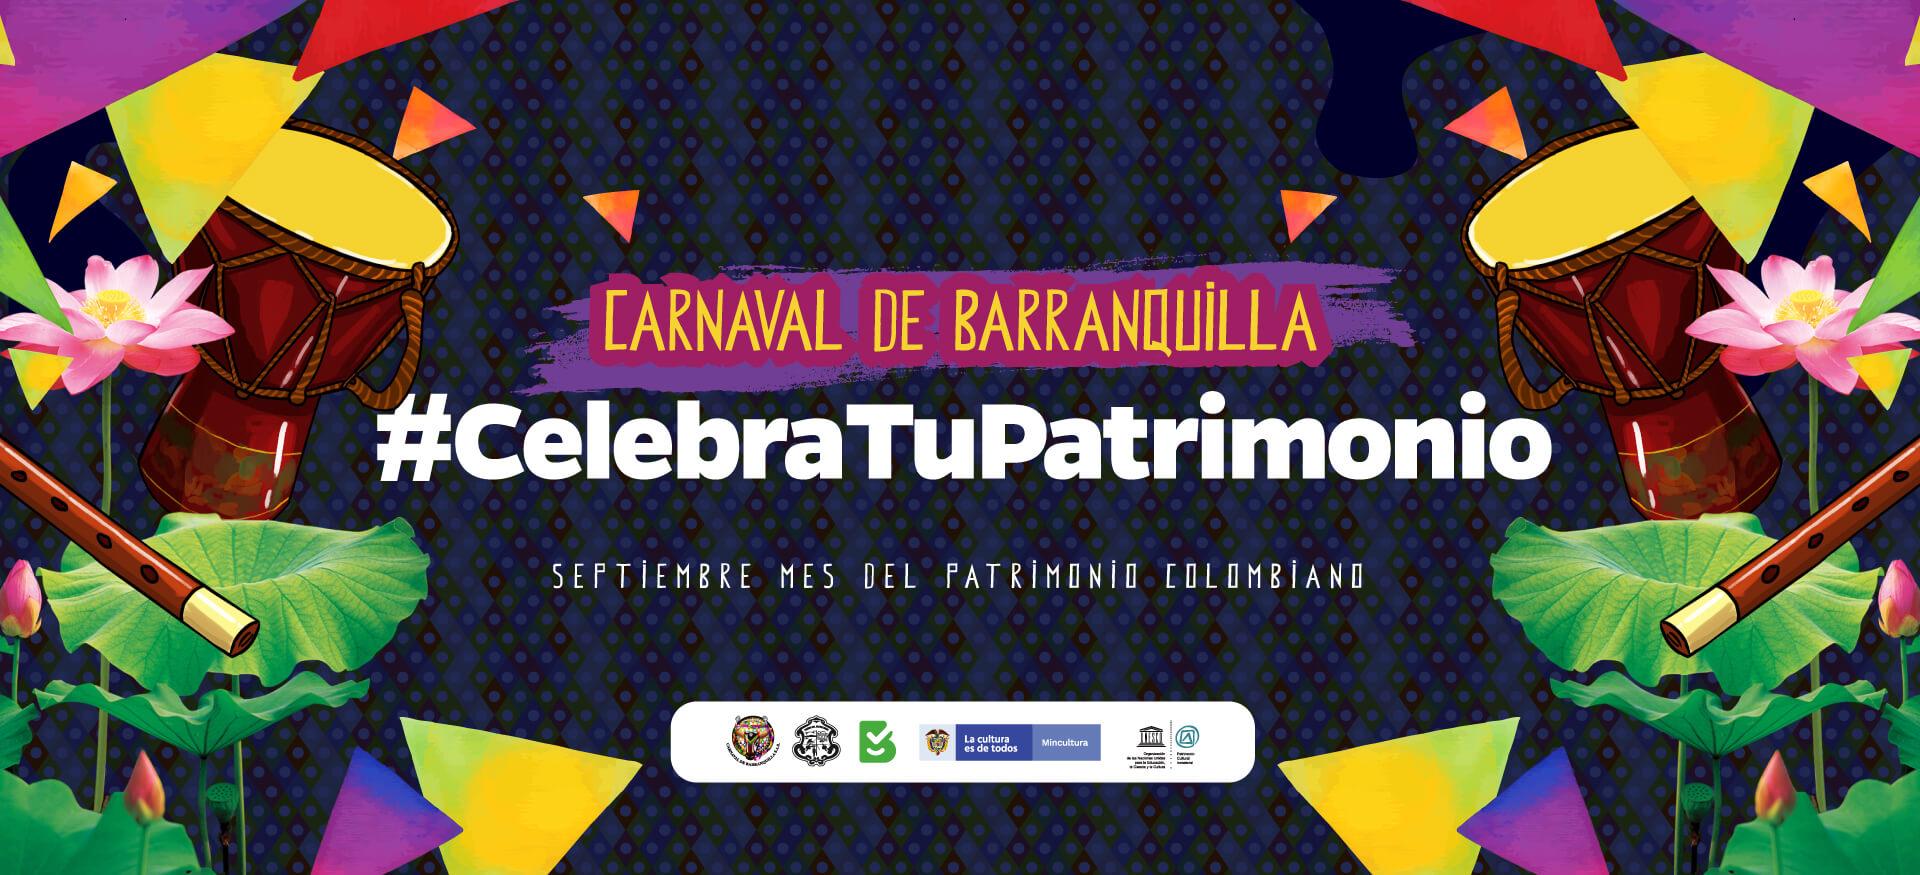 Carnaval celebra el Patrimonio Cultural de la Fiesta más grande de Colombia